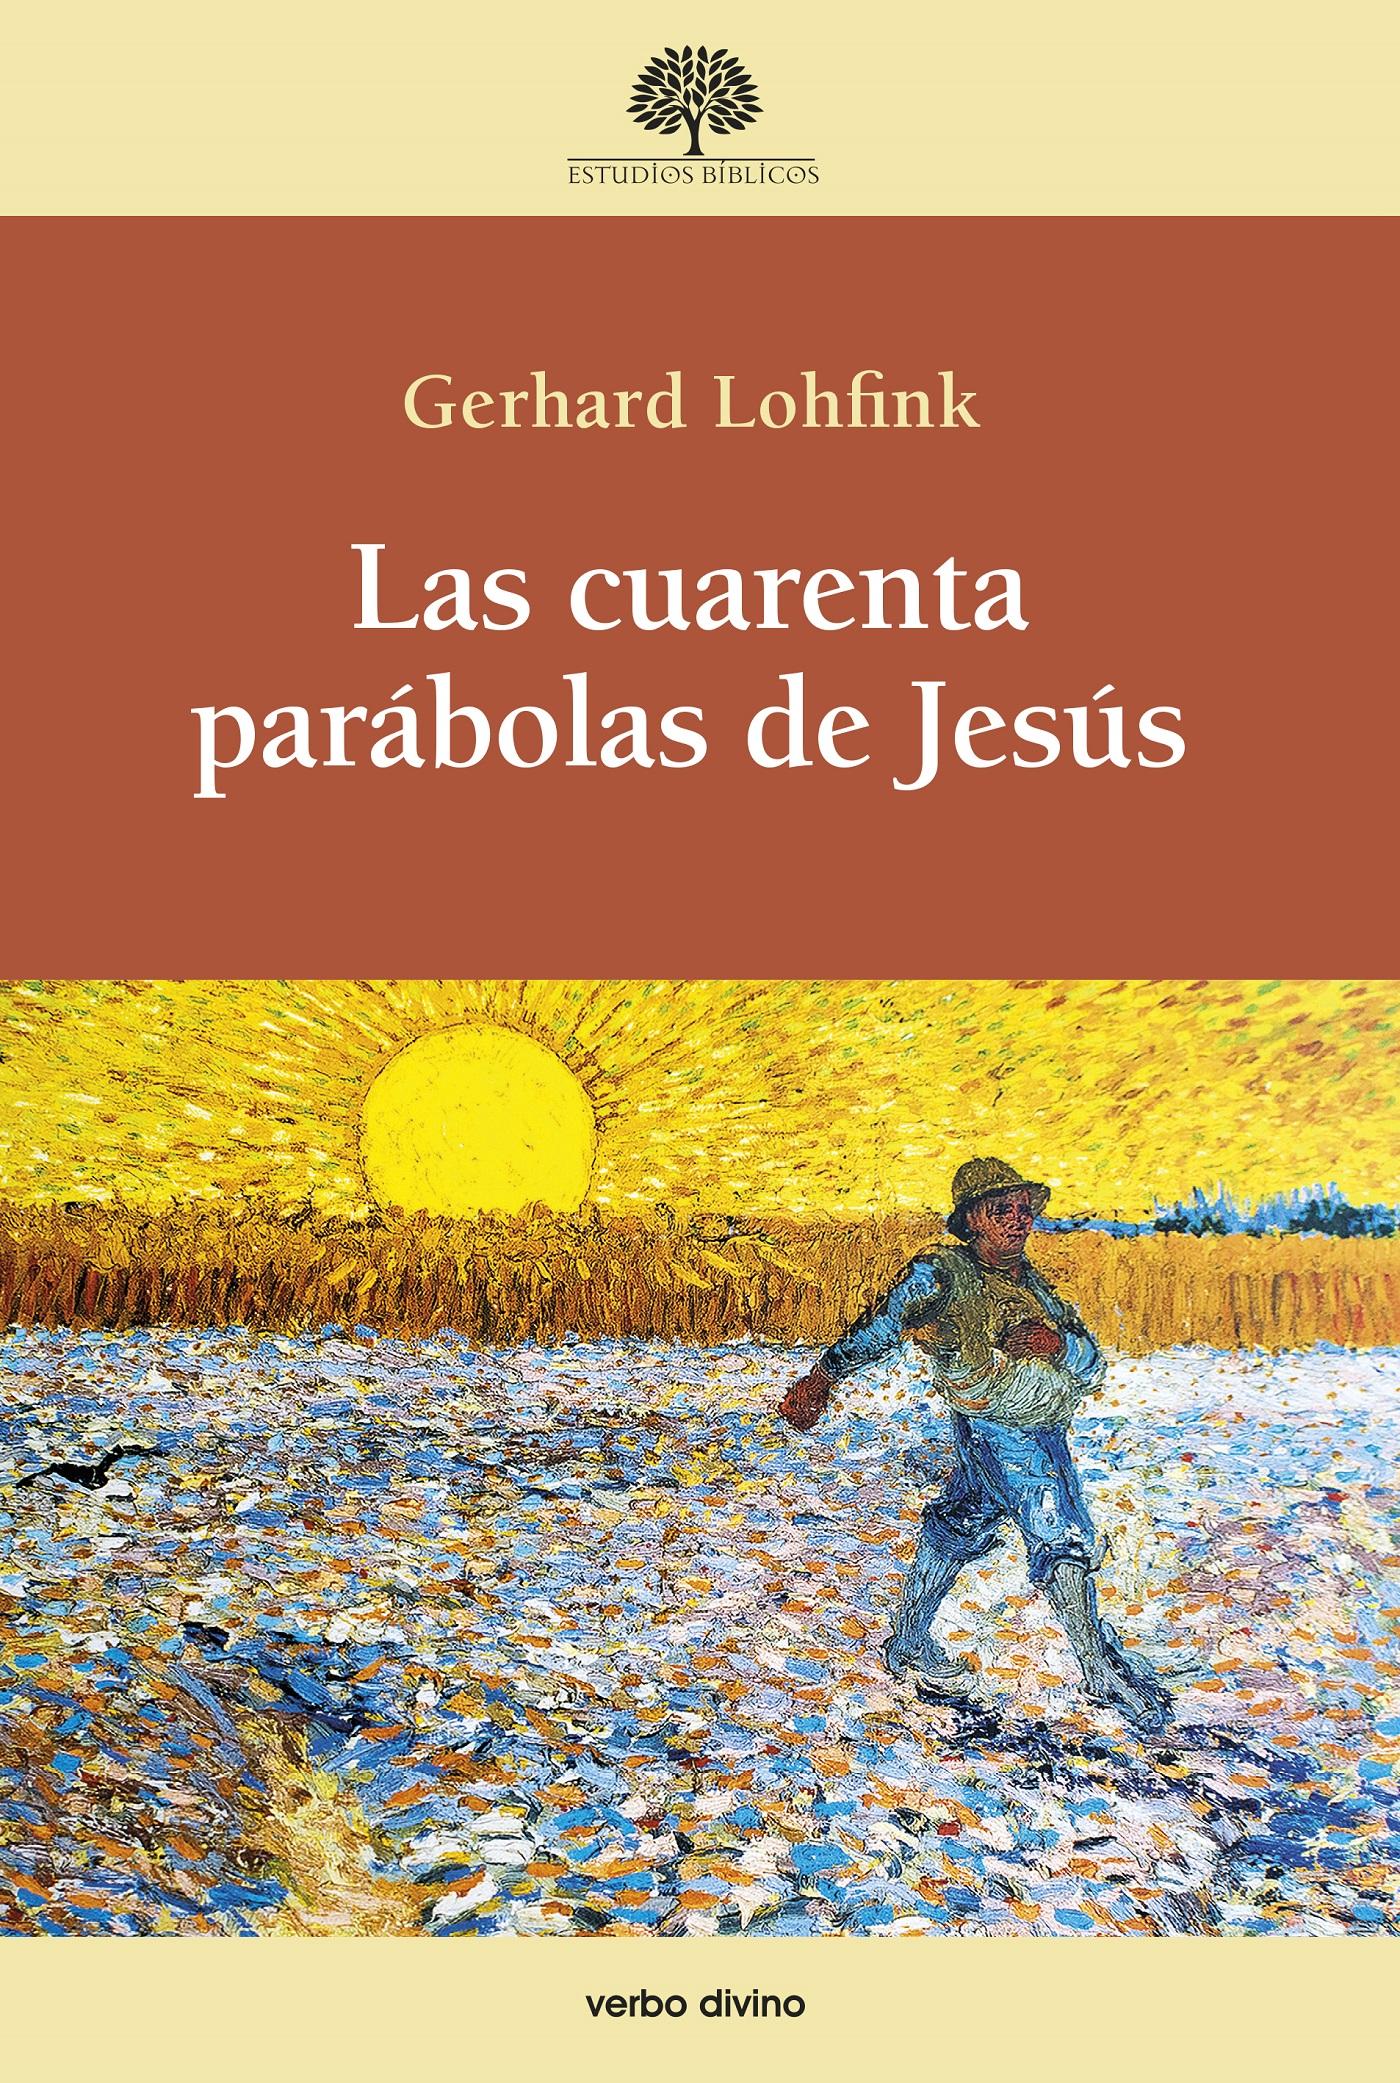 LAS CUARENTA PARÁBOLAS DE JESÚS. Gerhard Lohfink. ebook. 9788490736654